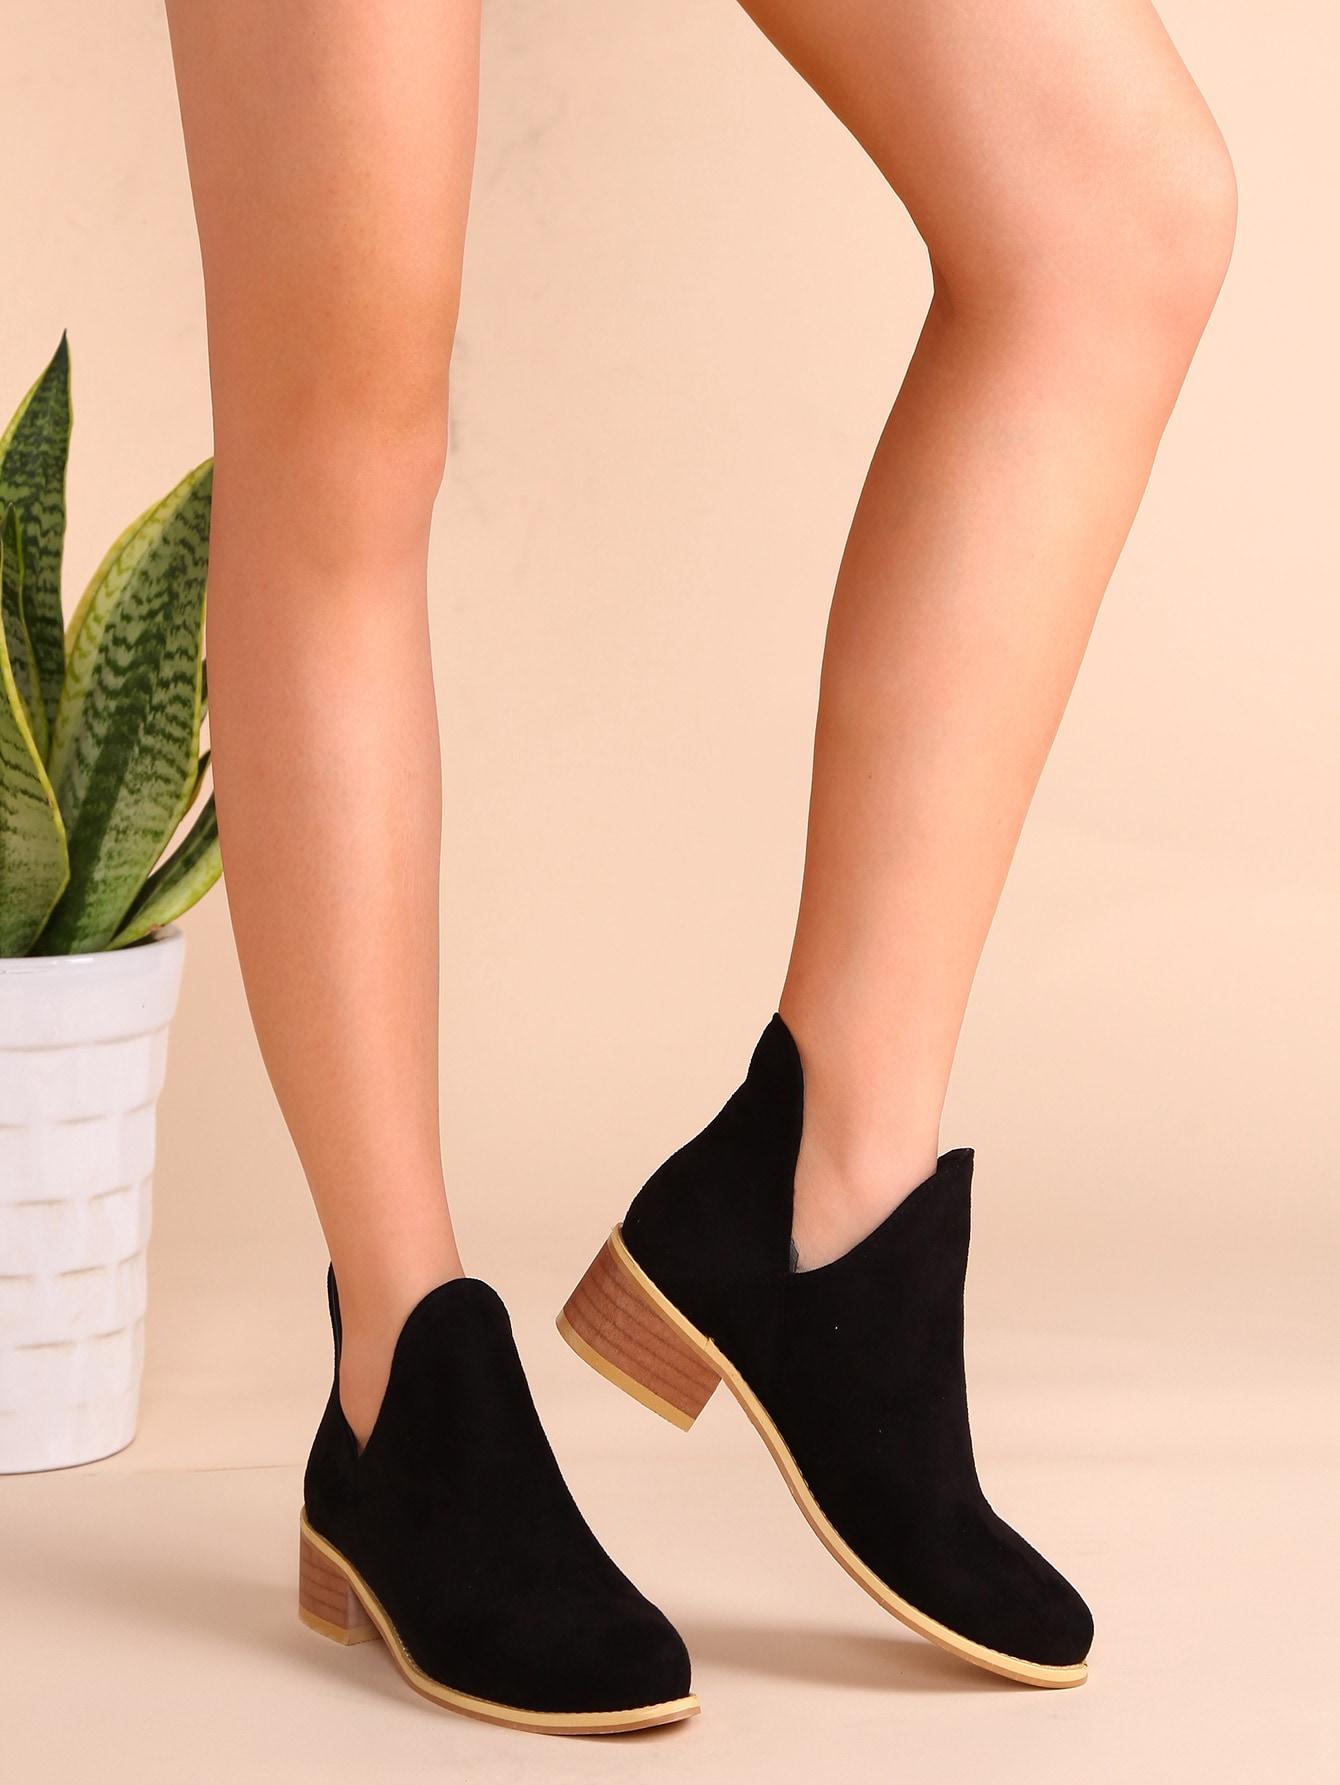 shoes161024802_2